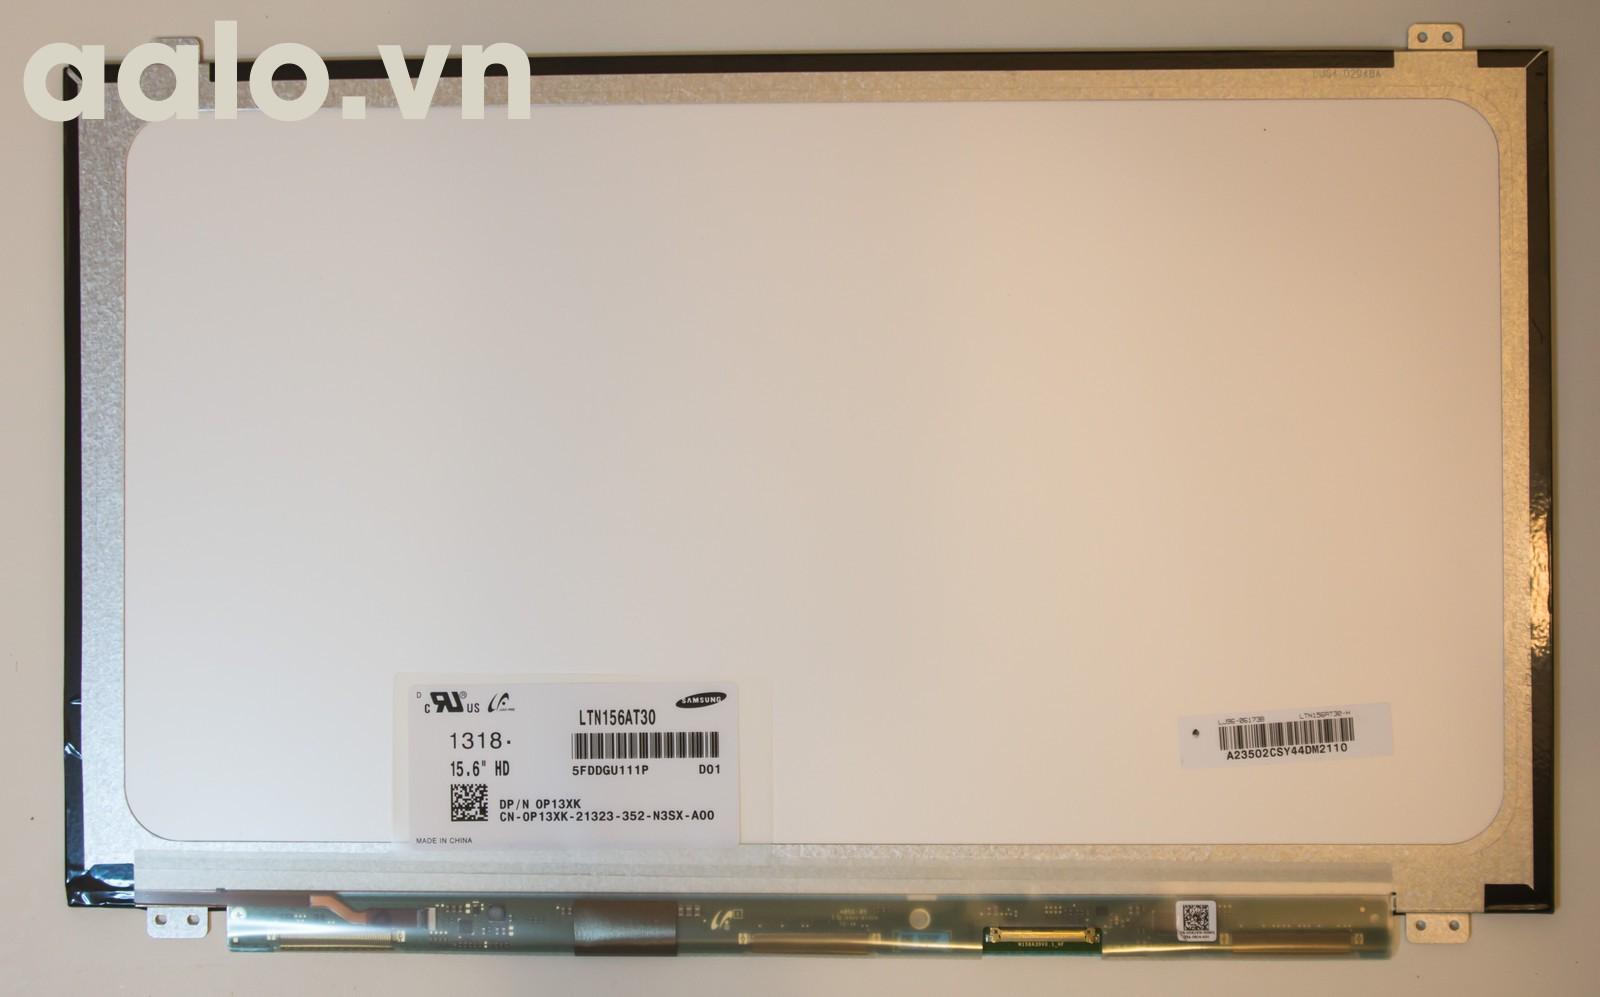 Thay màn hình laptop dell latitude E6540